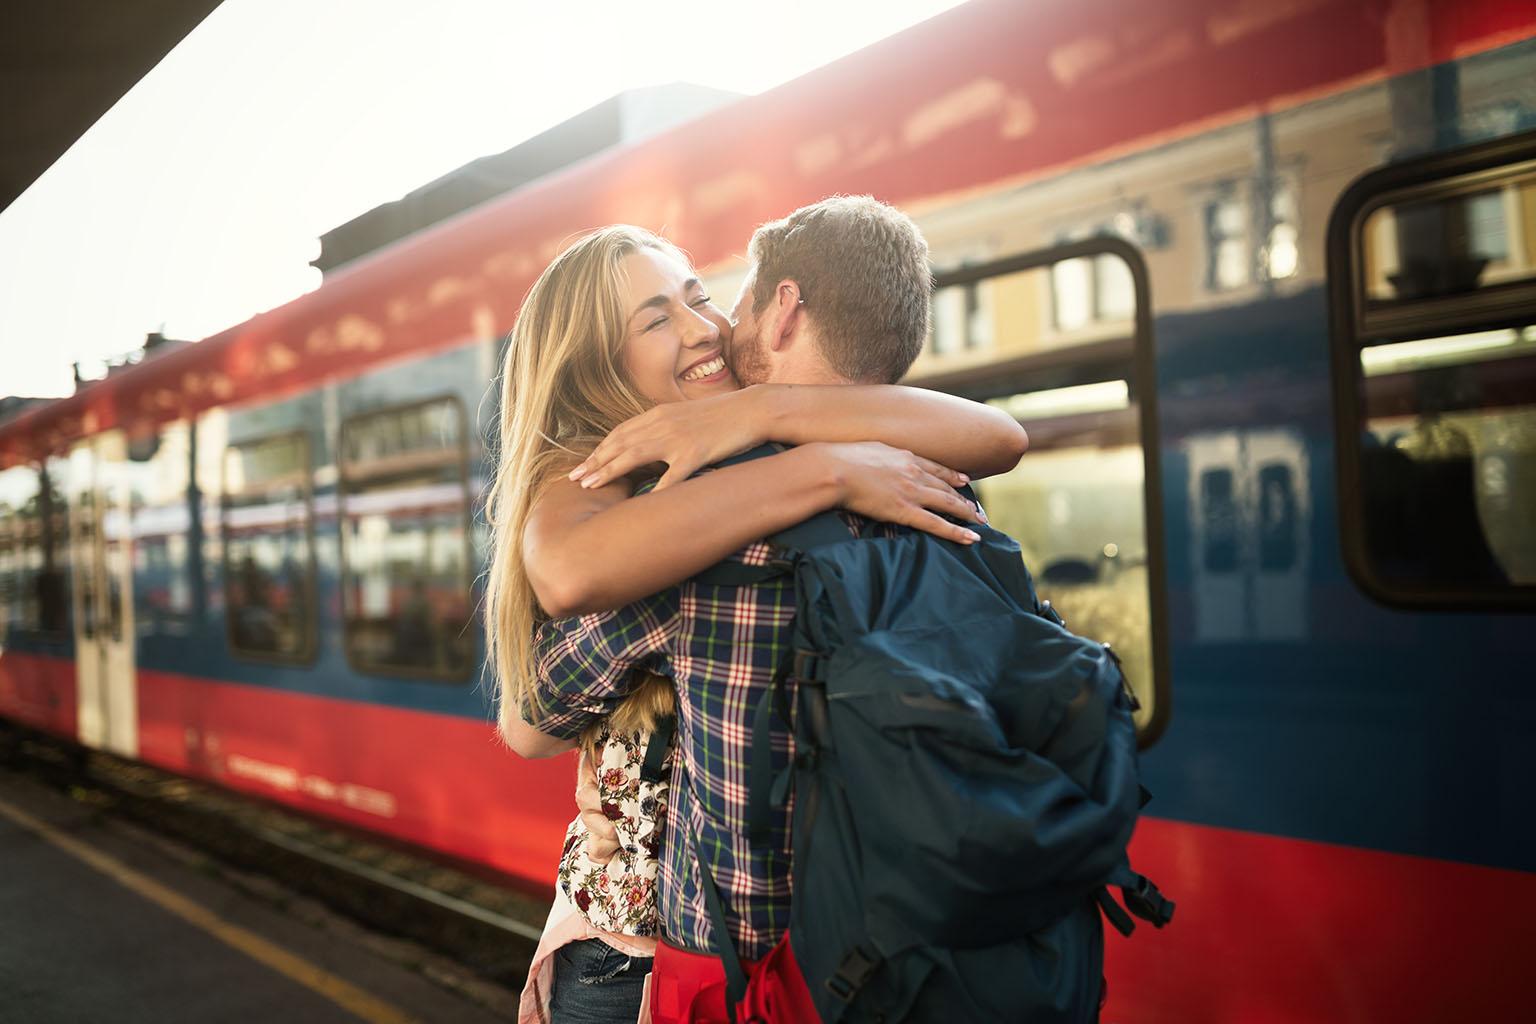 pareja enamorada se encuentra en la estacion de tren